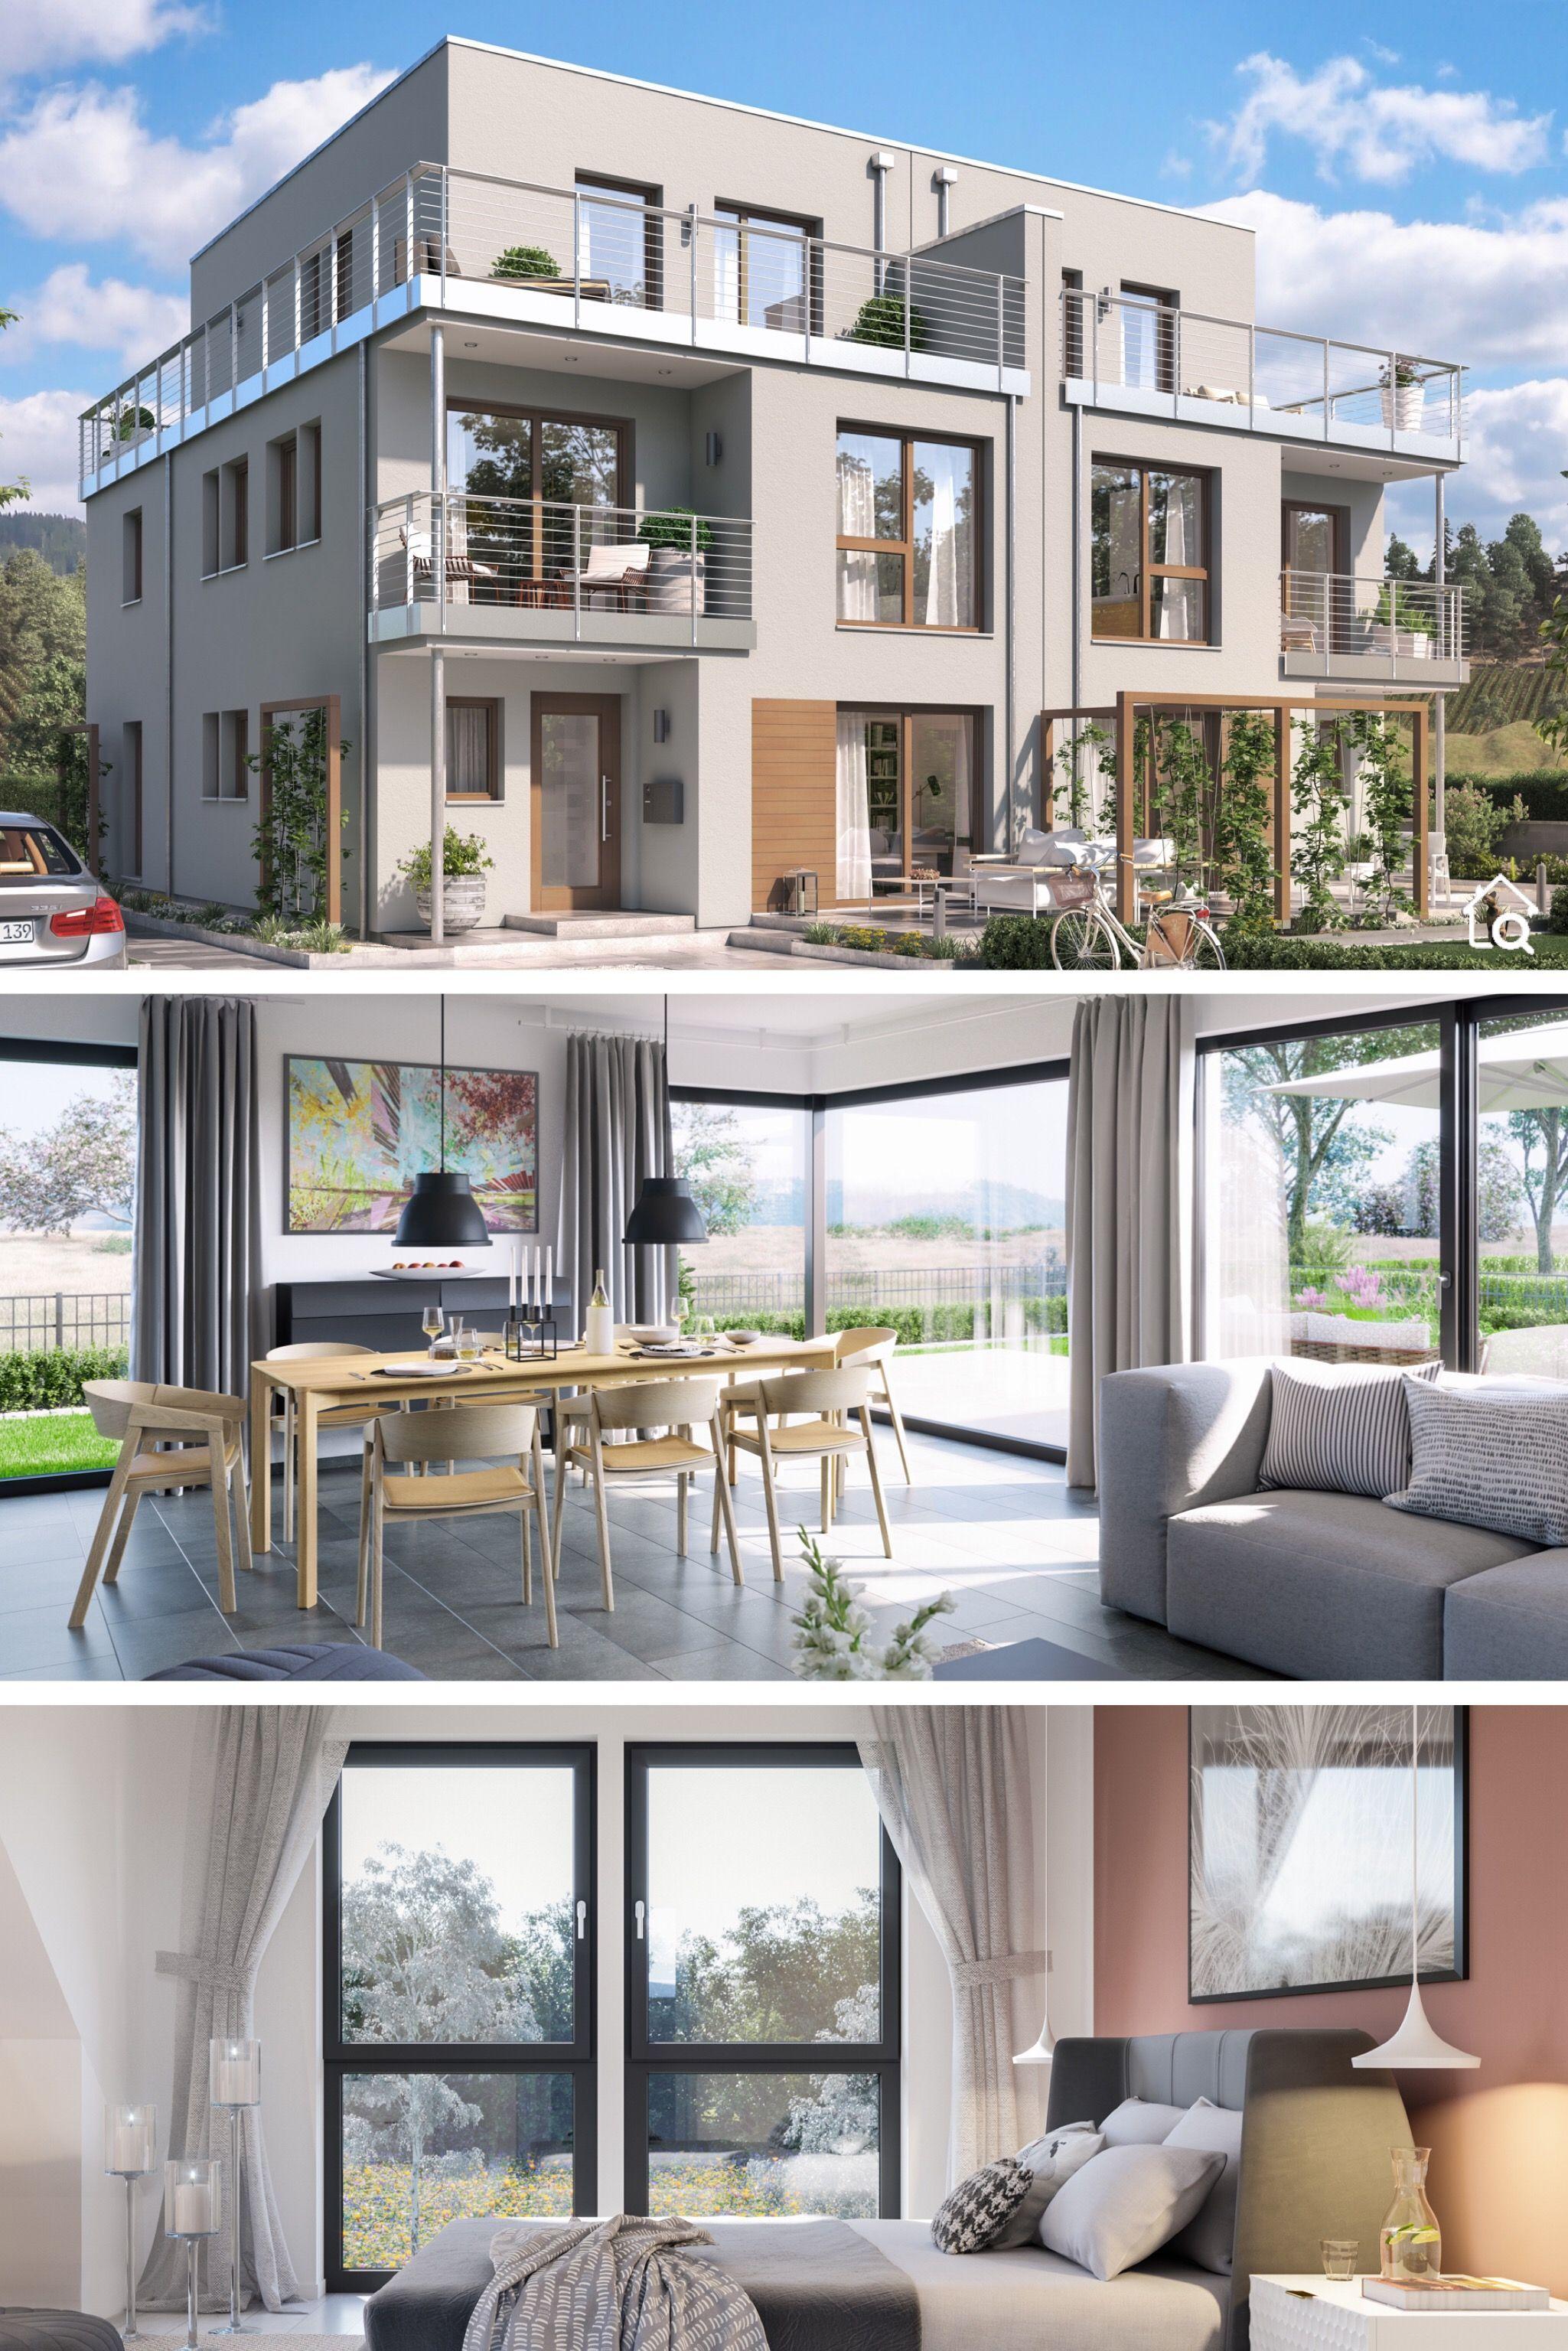 Doppelhaushälfte modern mit Flachdach Architektur, 6